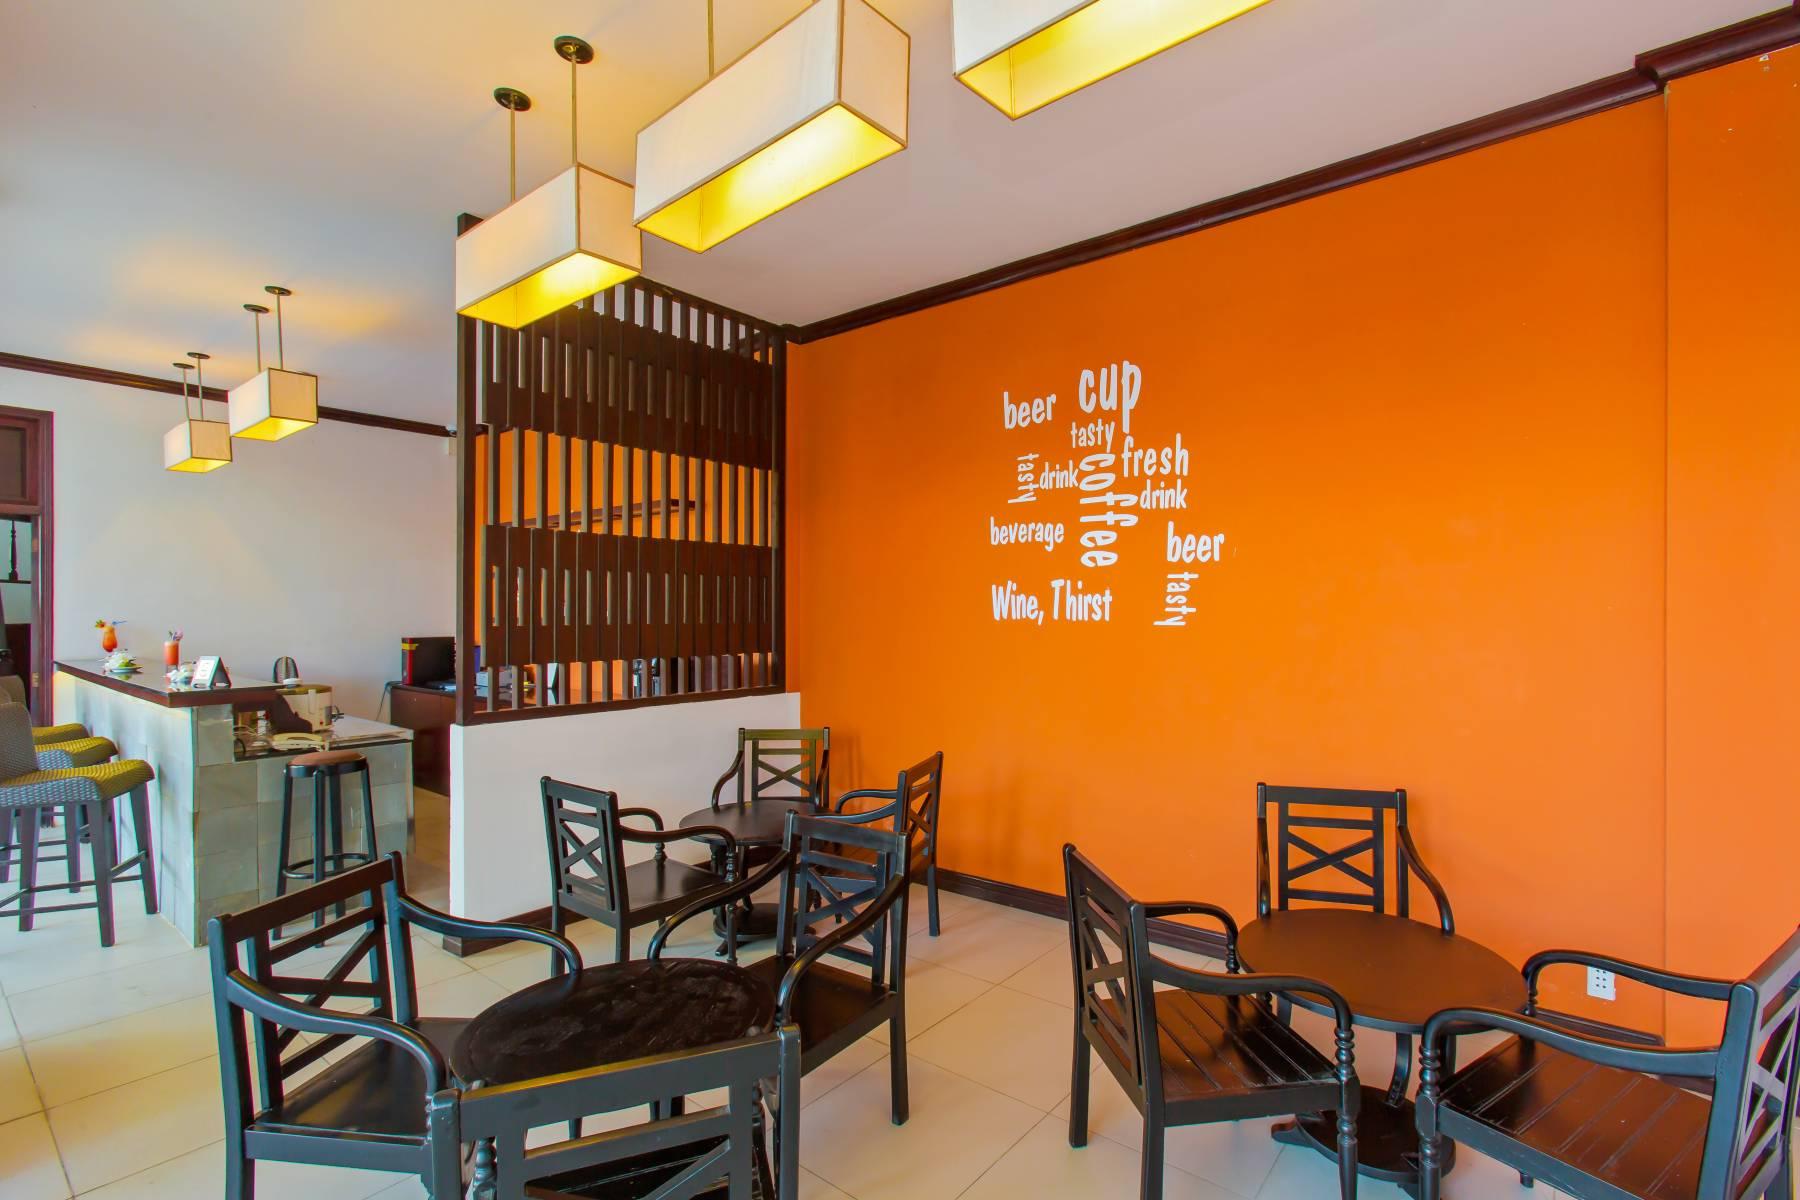 Restaurants & Bars - Sunshine Bar Hoi An Hotel - Hoi An Beach Resort  De Vong river